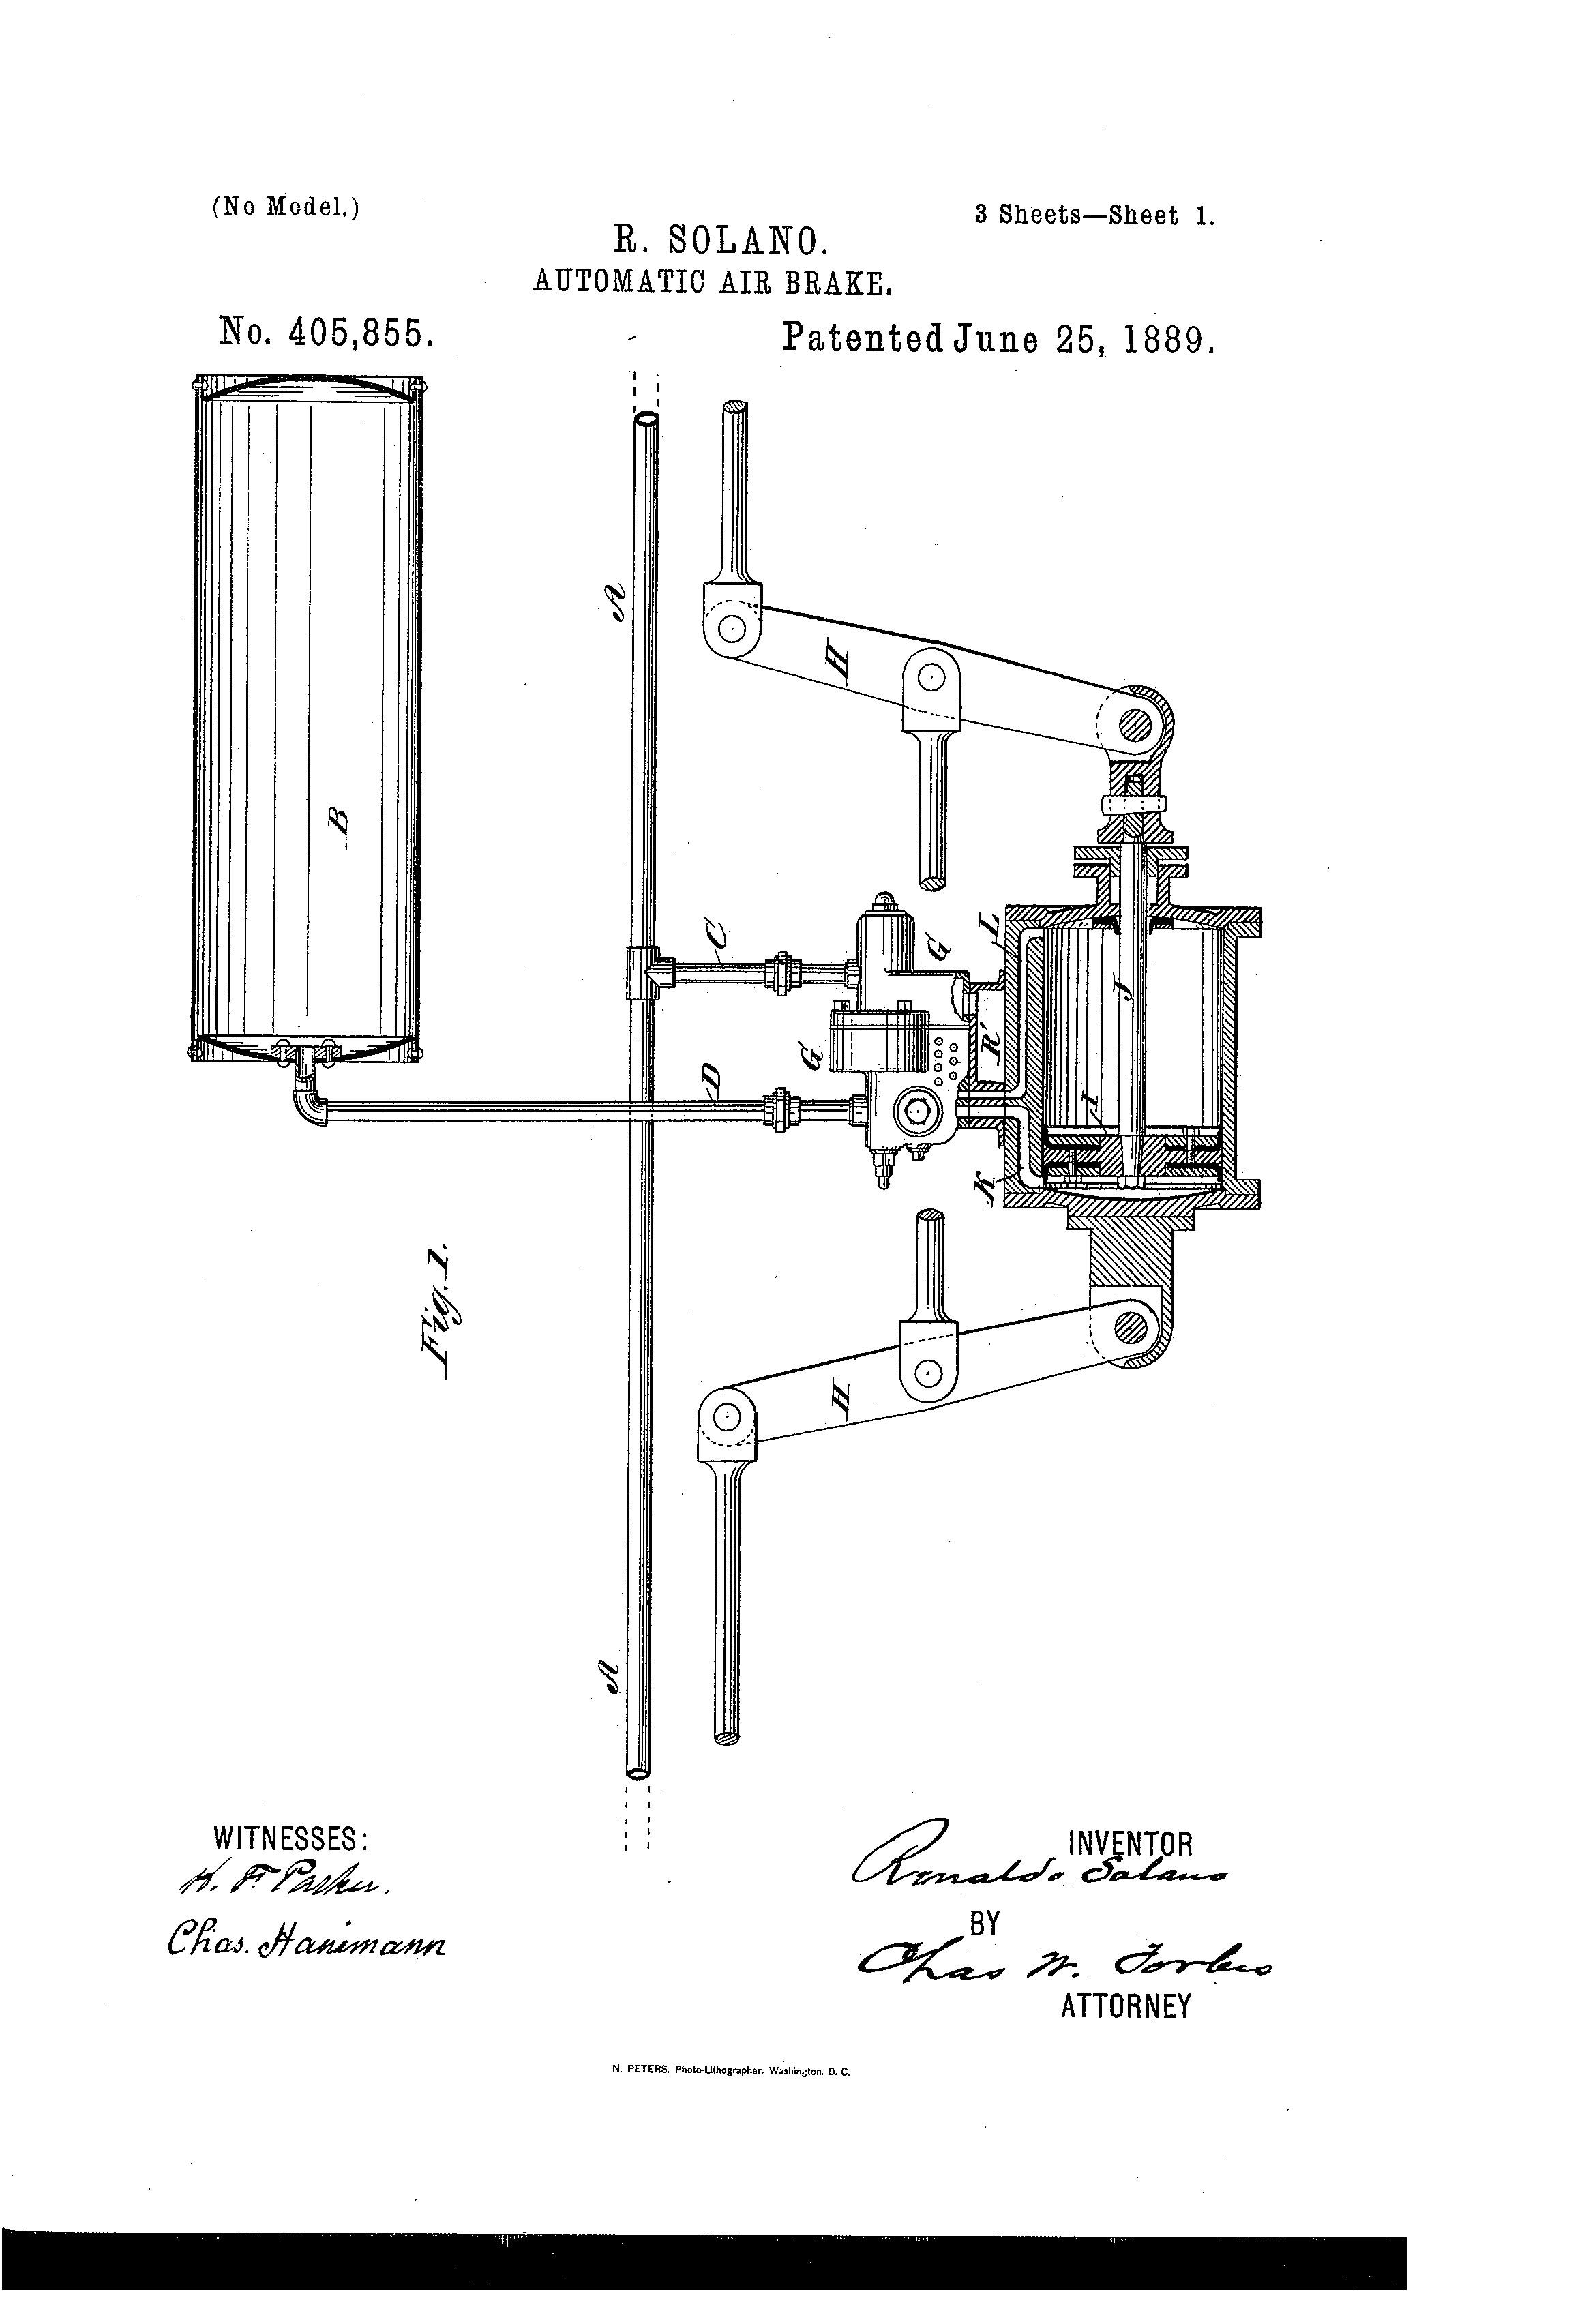 Air Brake Diagram